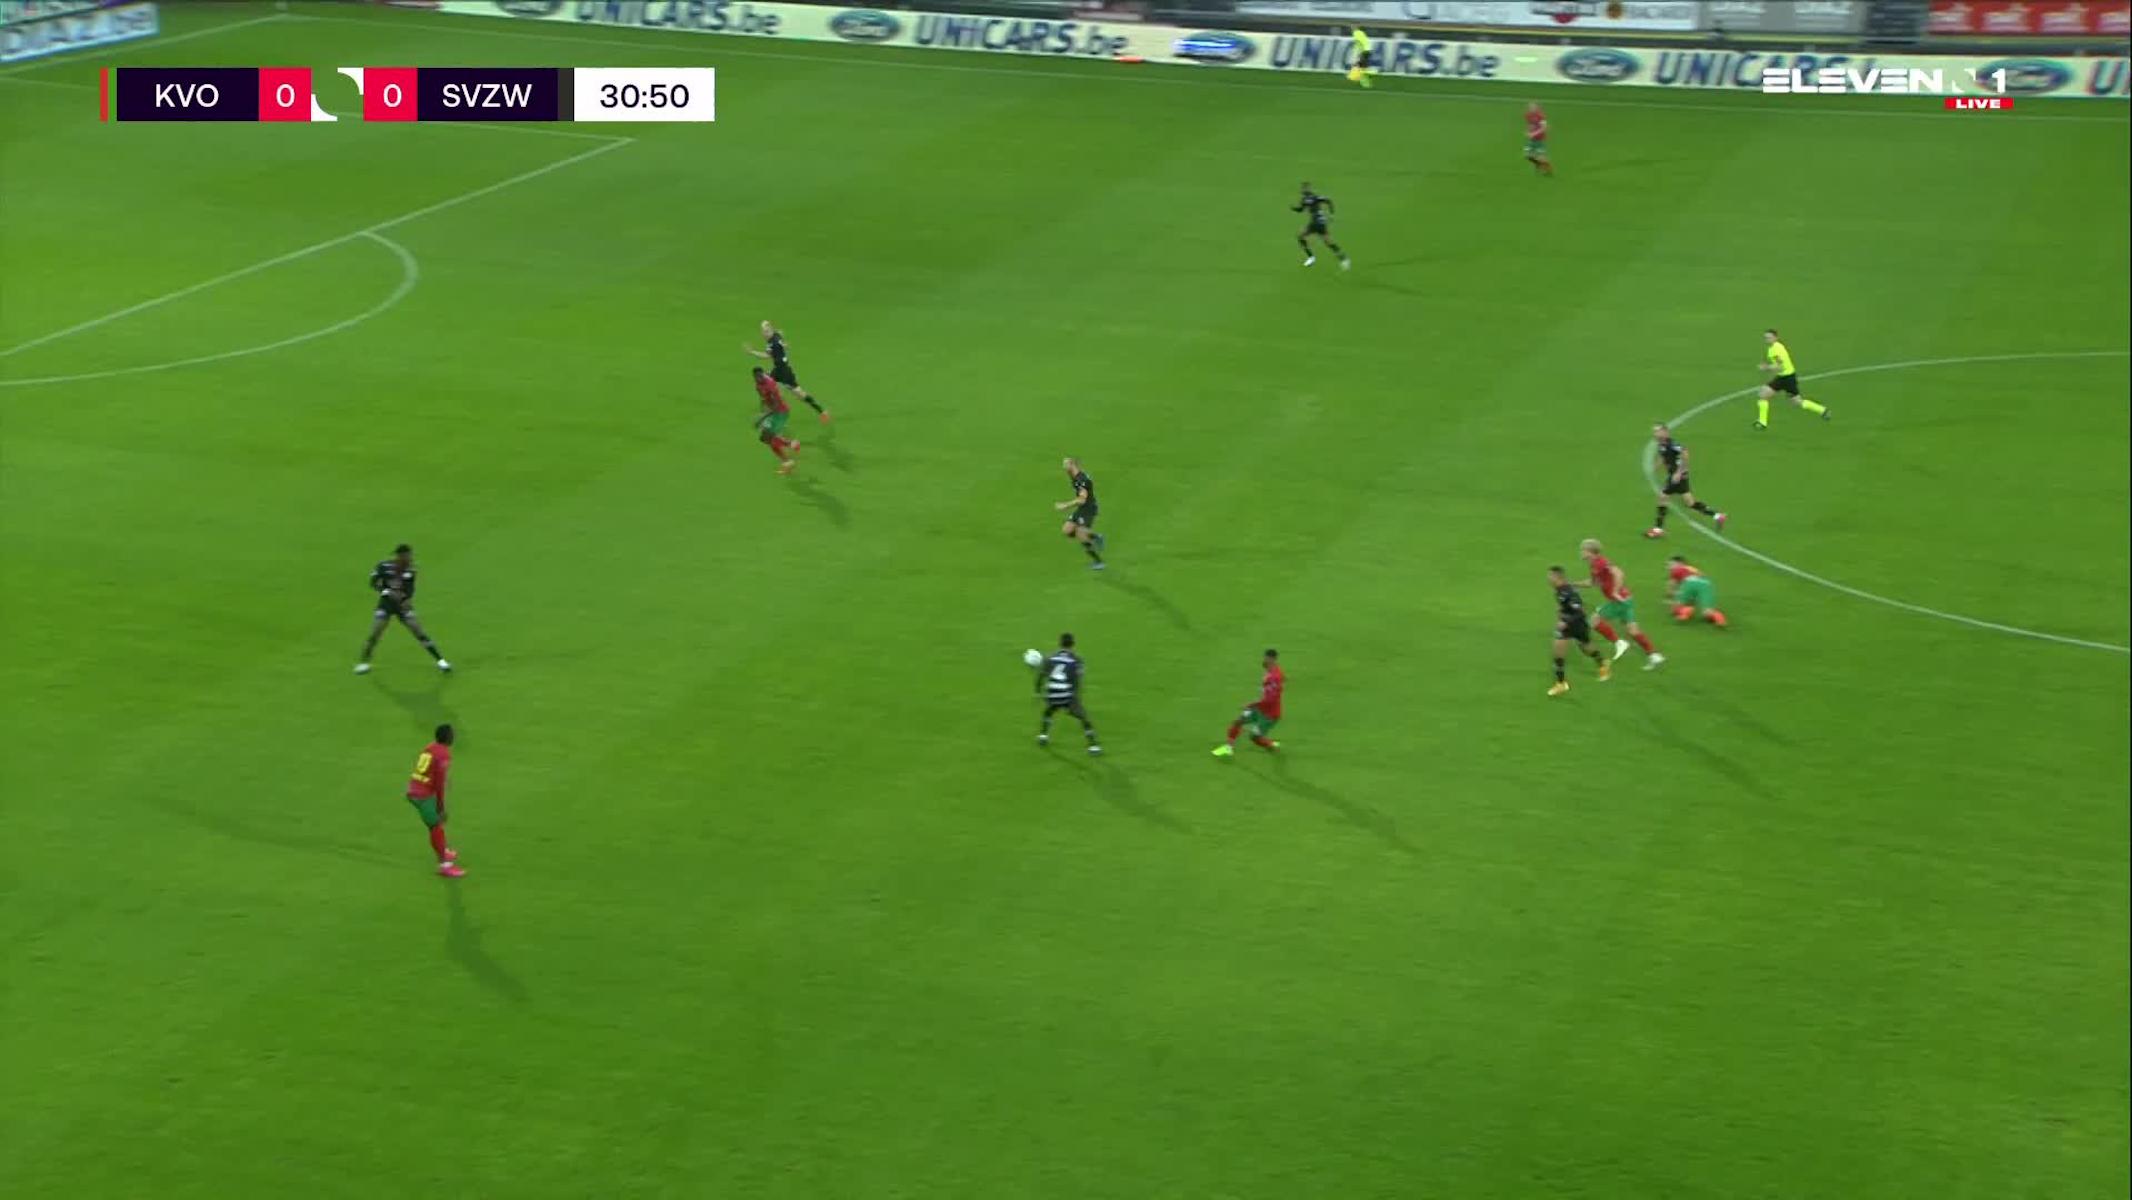 Doelpunt Kevin Vandendriessche (KV Oostende vs. SV Zulte Waregem)